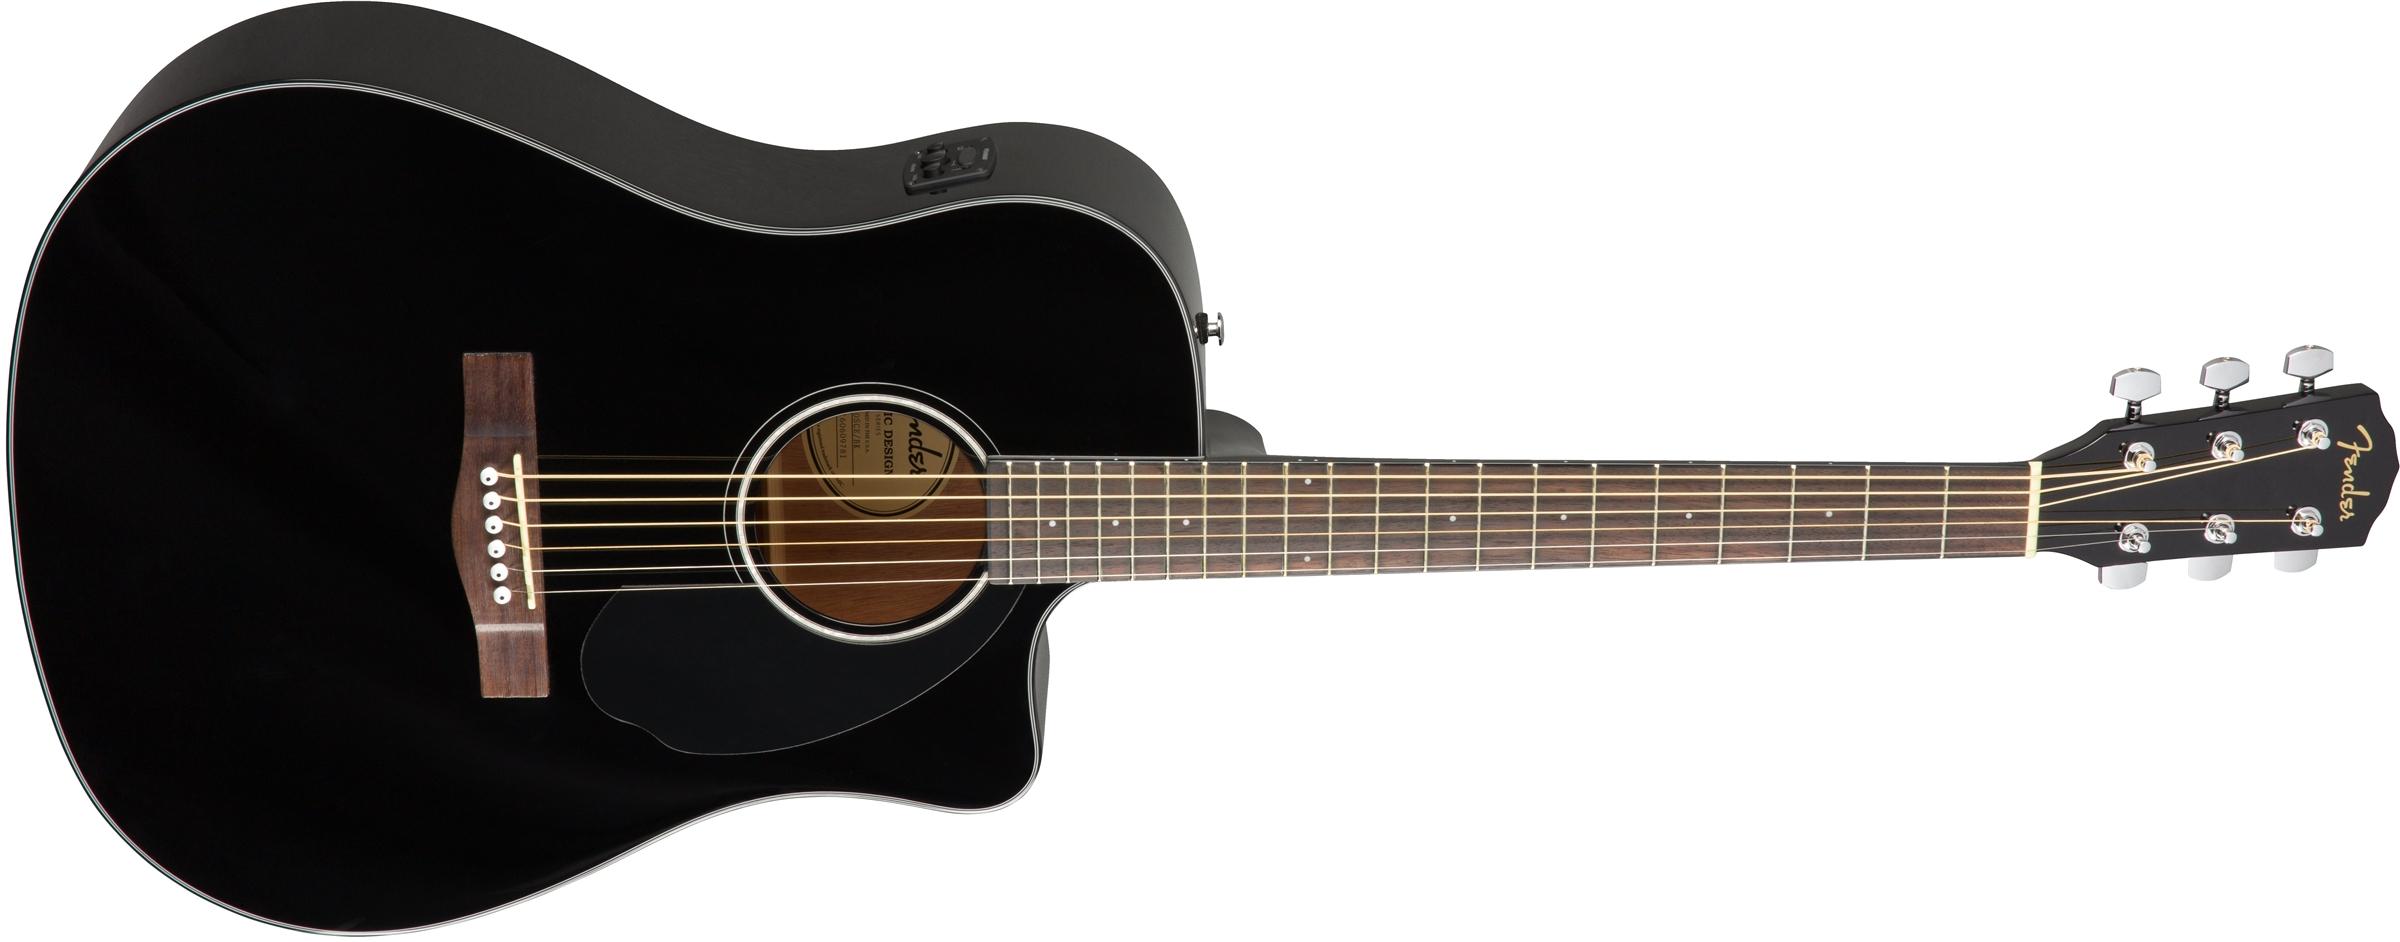 cd 60sce acoustic guitars. Black Bedroom Furniture Sets. Home Design Ideas